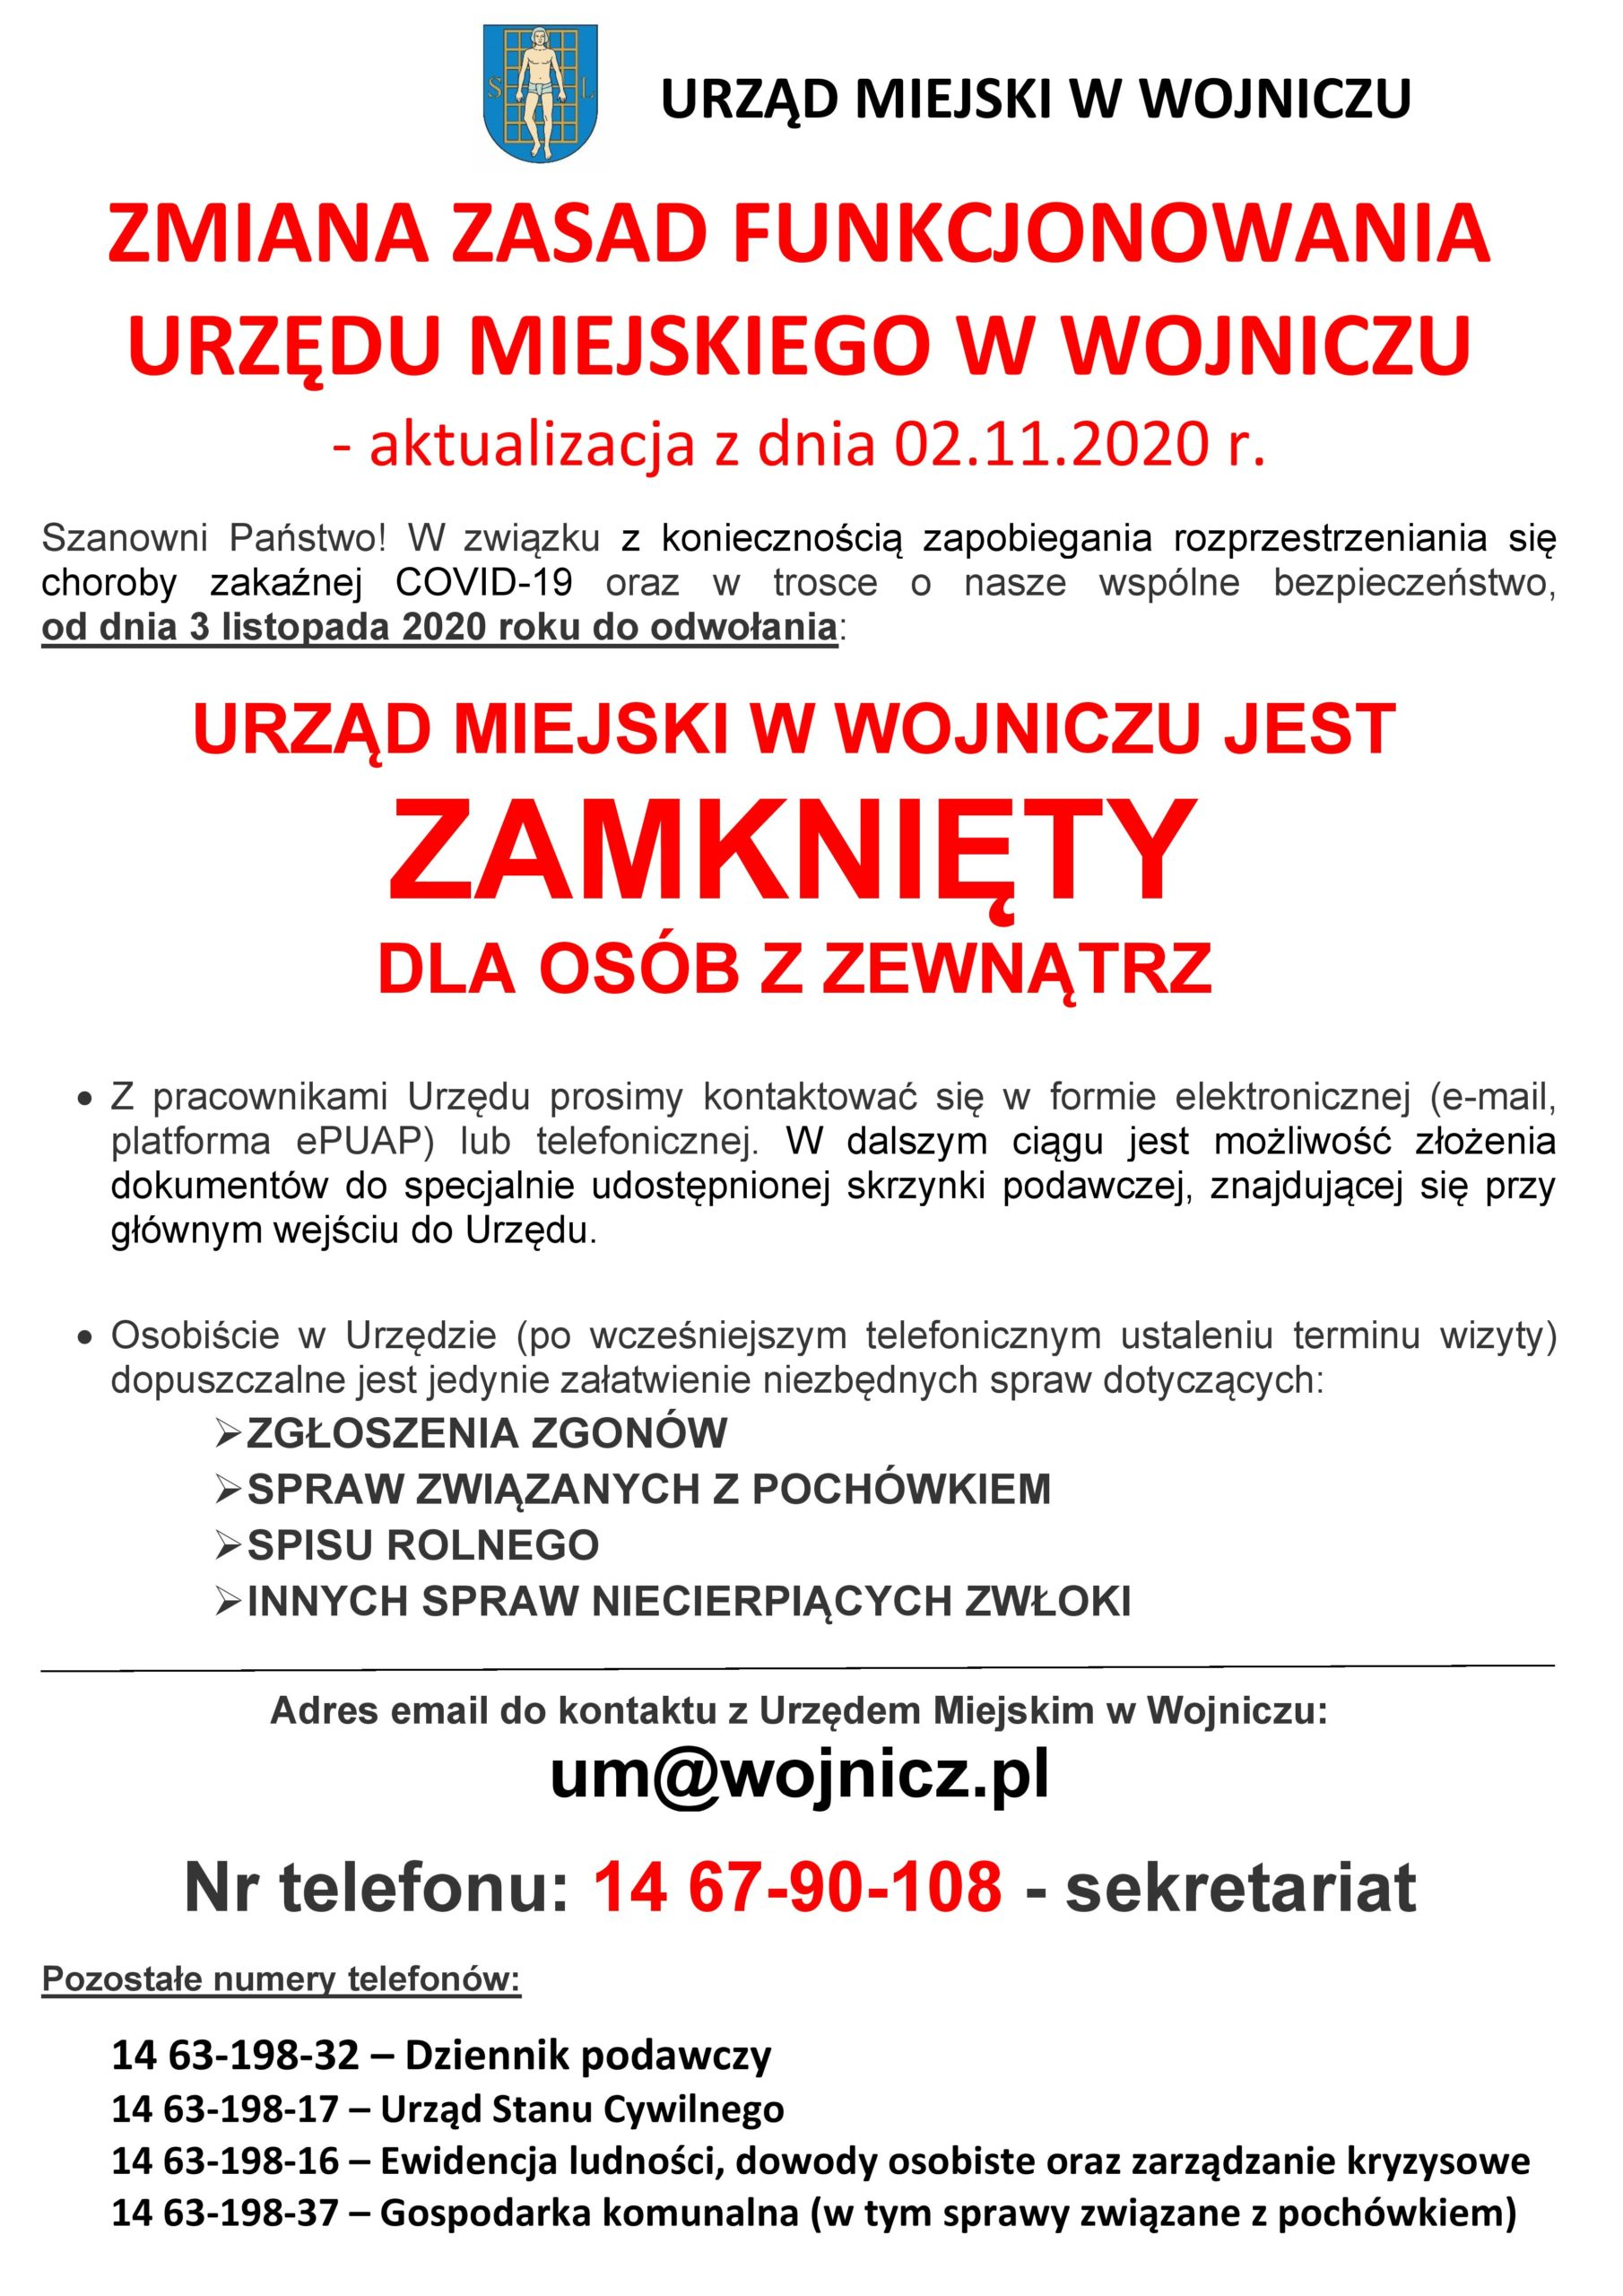 Komunikat - Urząd zamknięty